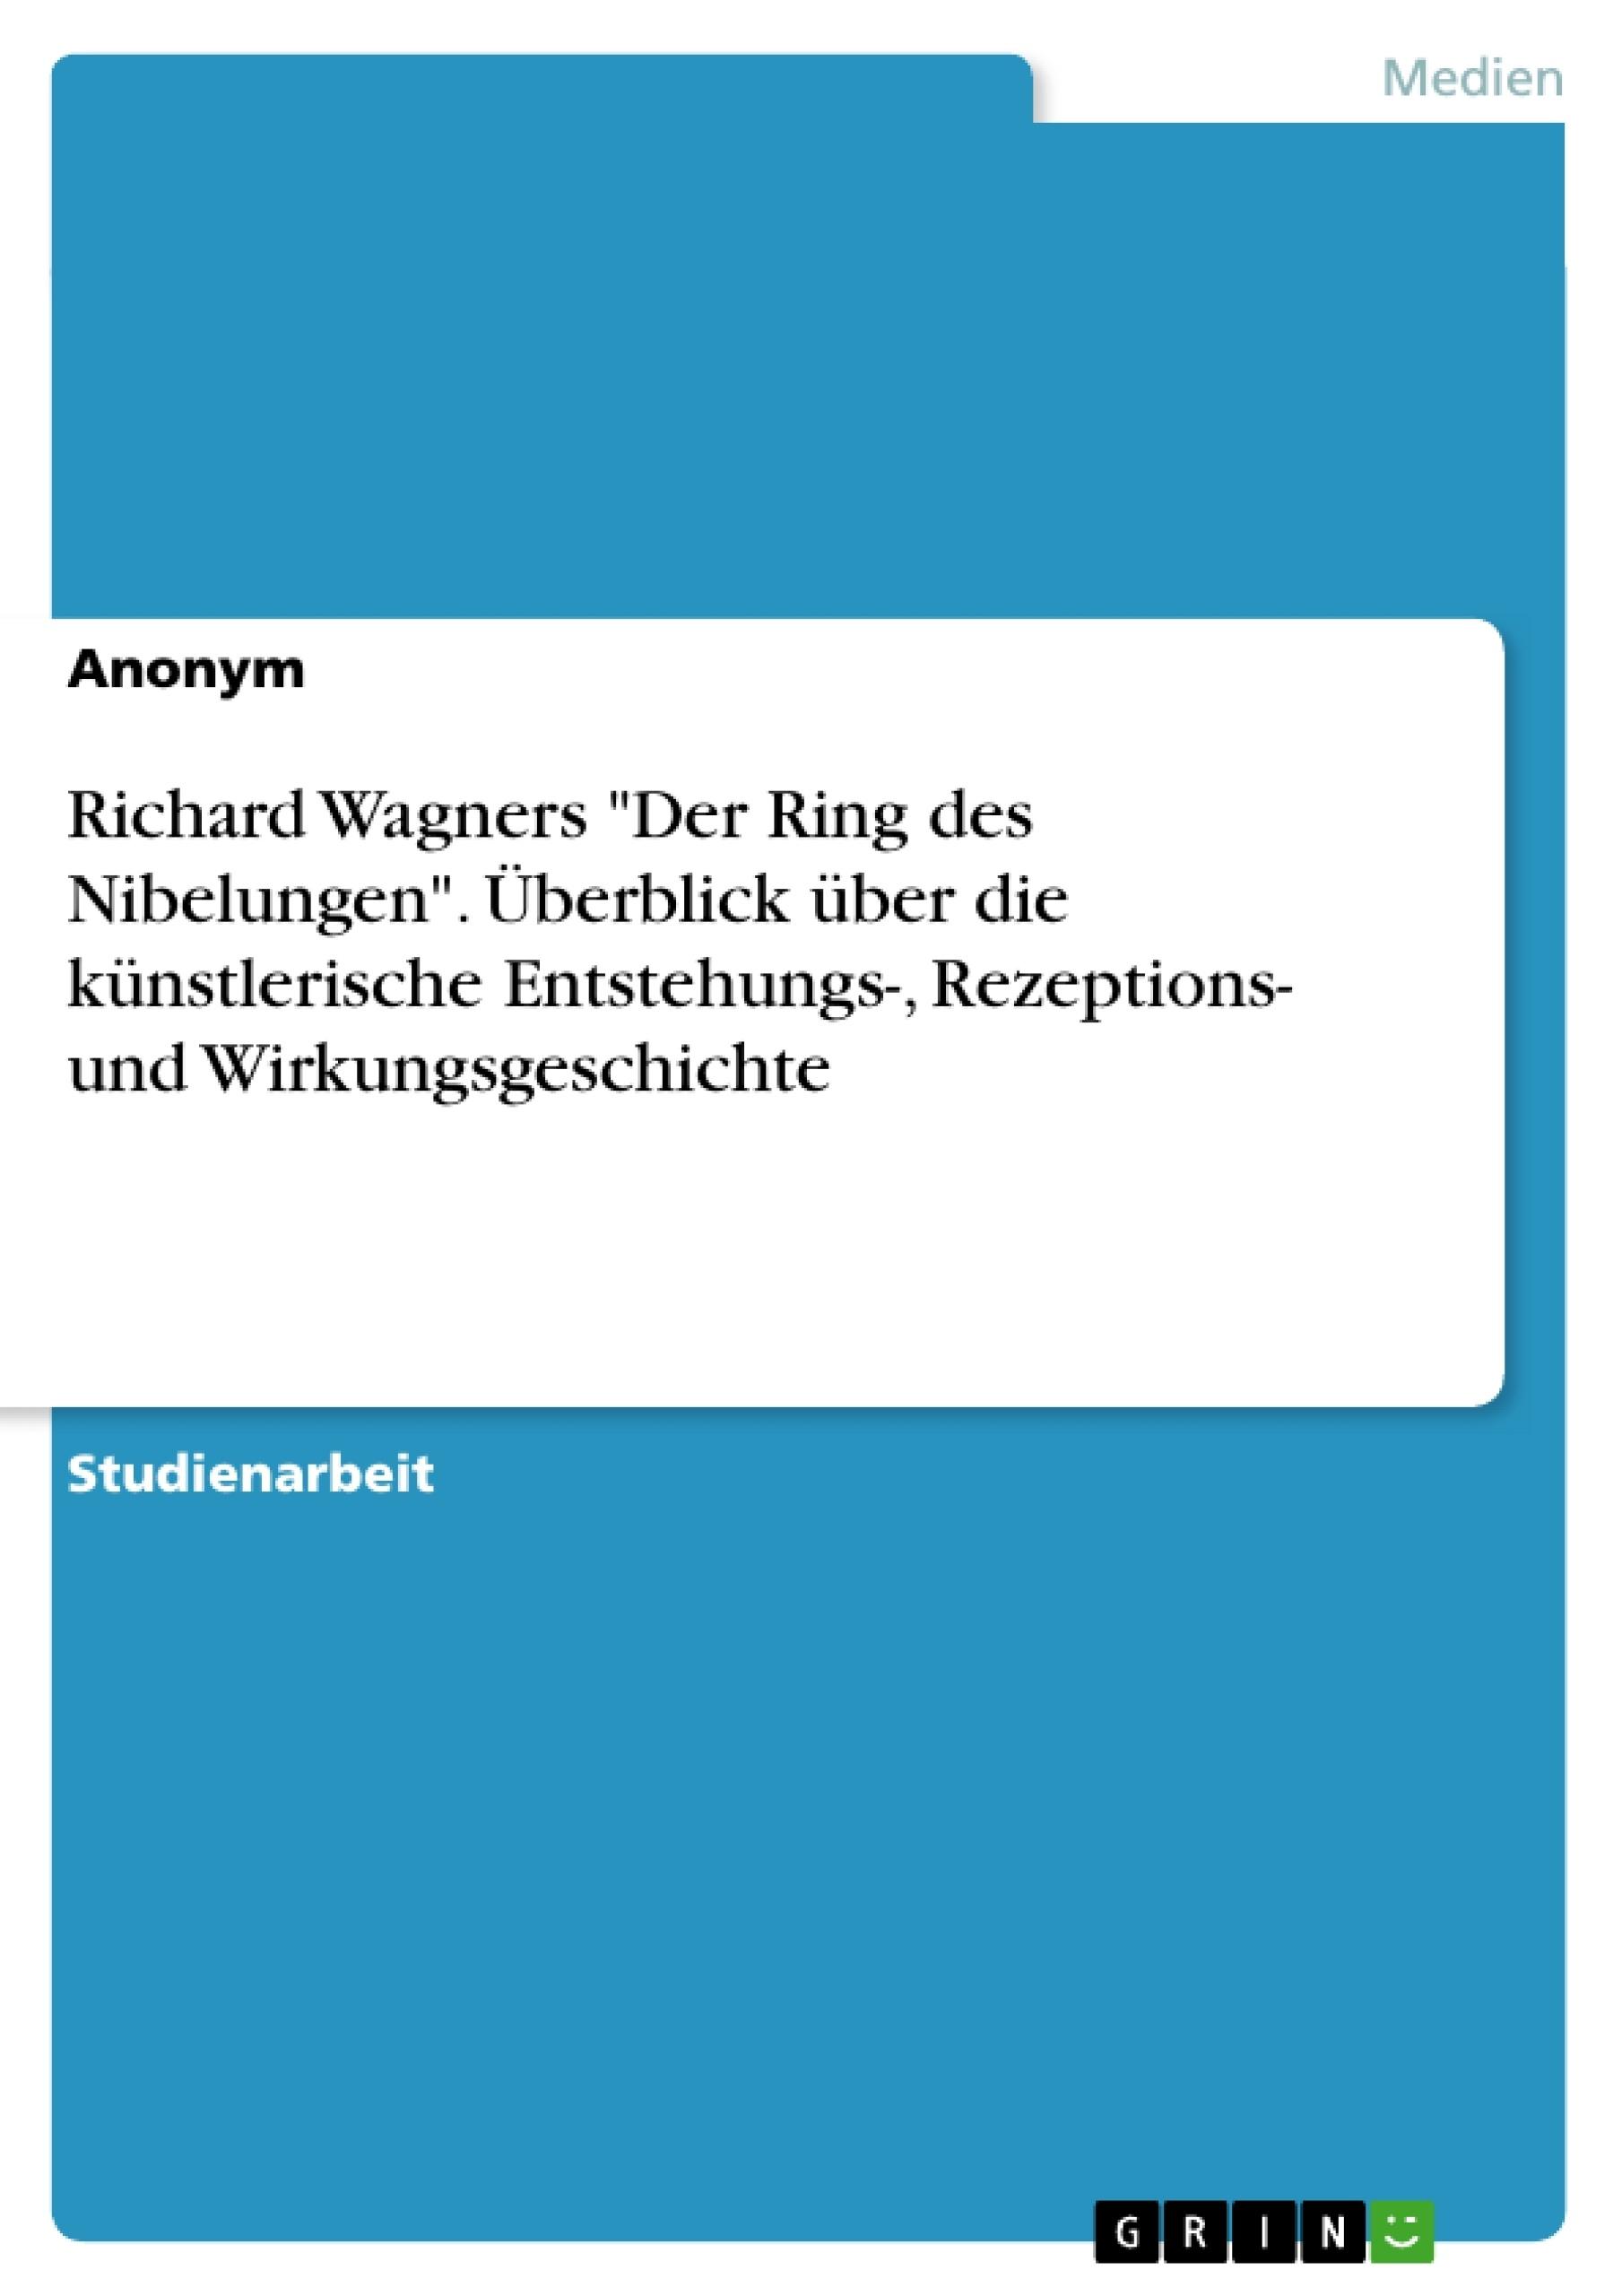 """Titel: Richard Wagners """"Der Ring des Nibelungen"""". Überblick über die künstlerische Entstehungs-, Rezeptions- und Wirkungsgeschichte"""